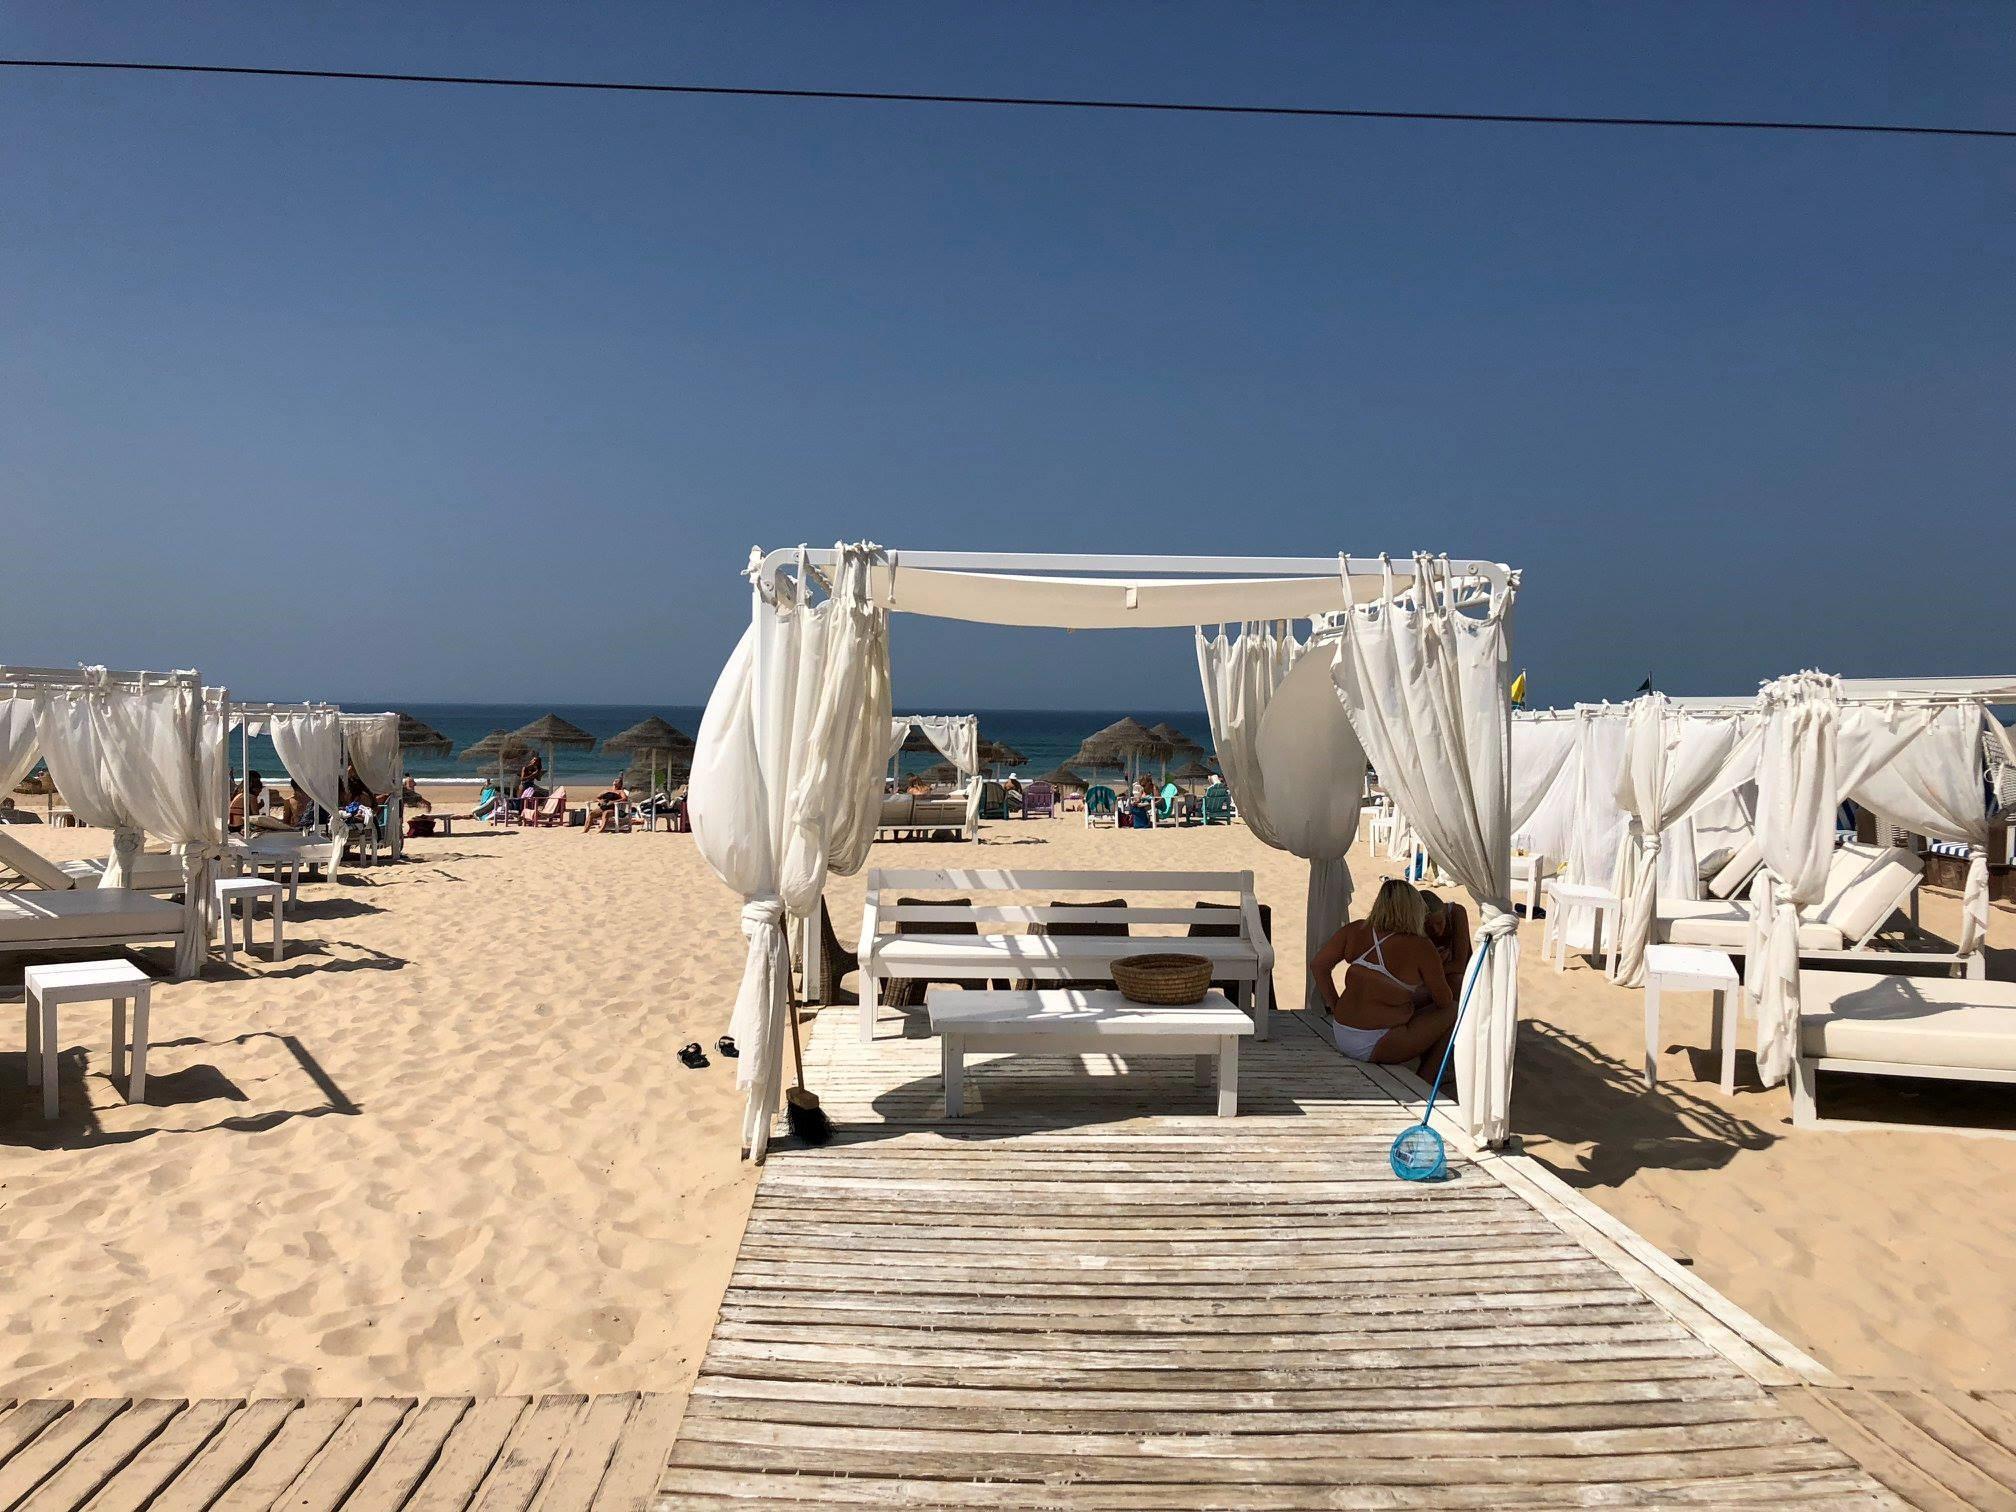 Bãi biển Bồ Đào Nha mùa hè rực rỡ